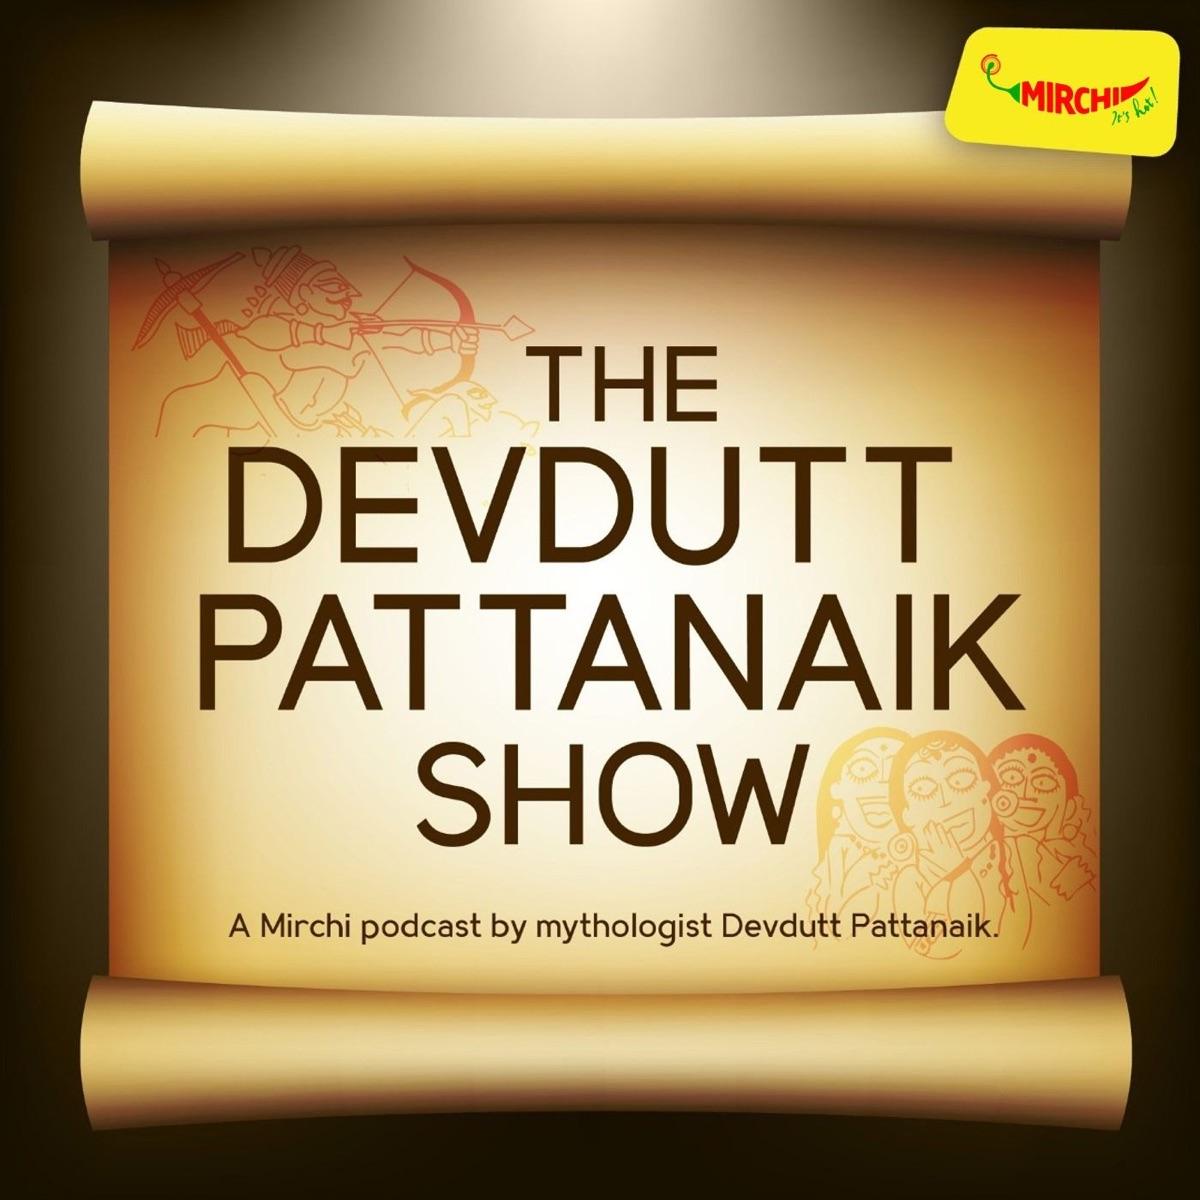 The Devdutt Pattanaik Show | Mirchi